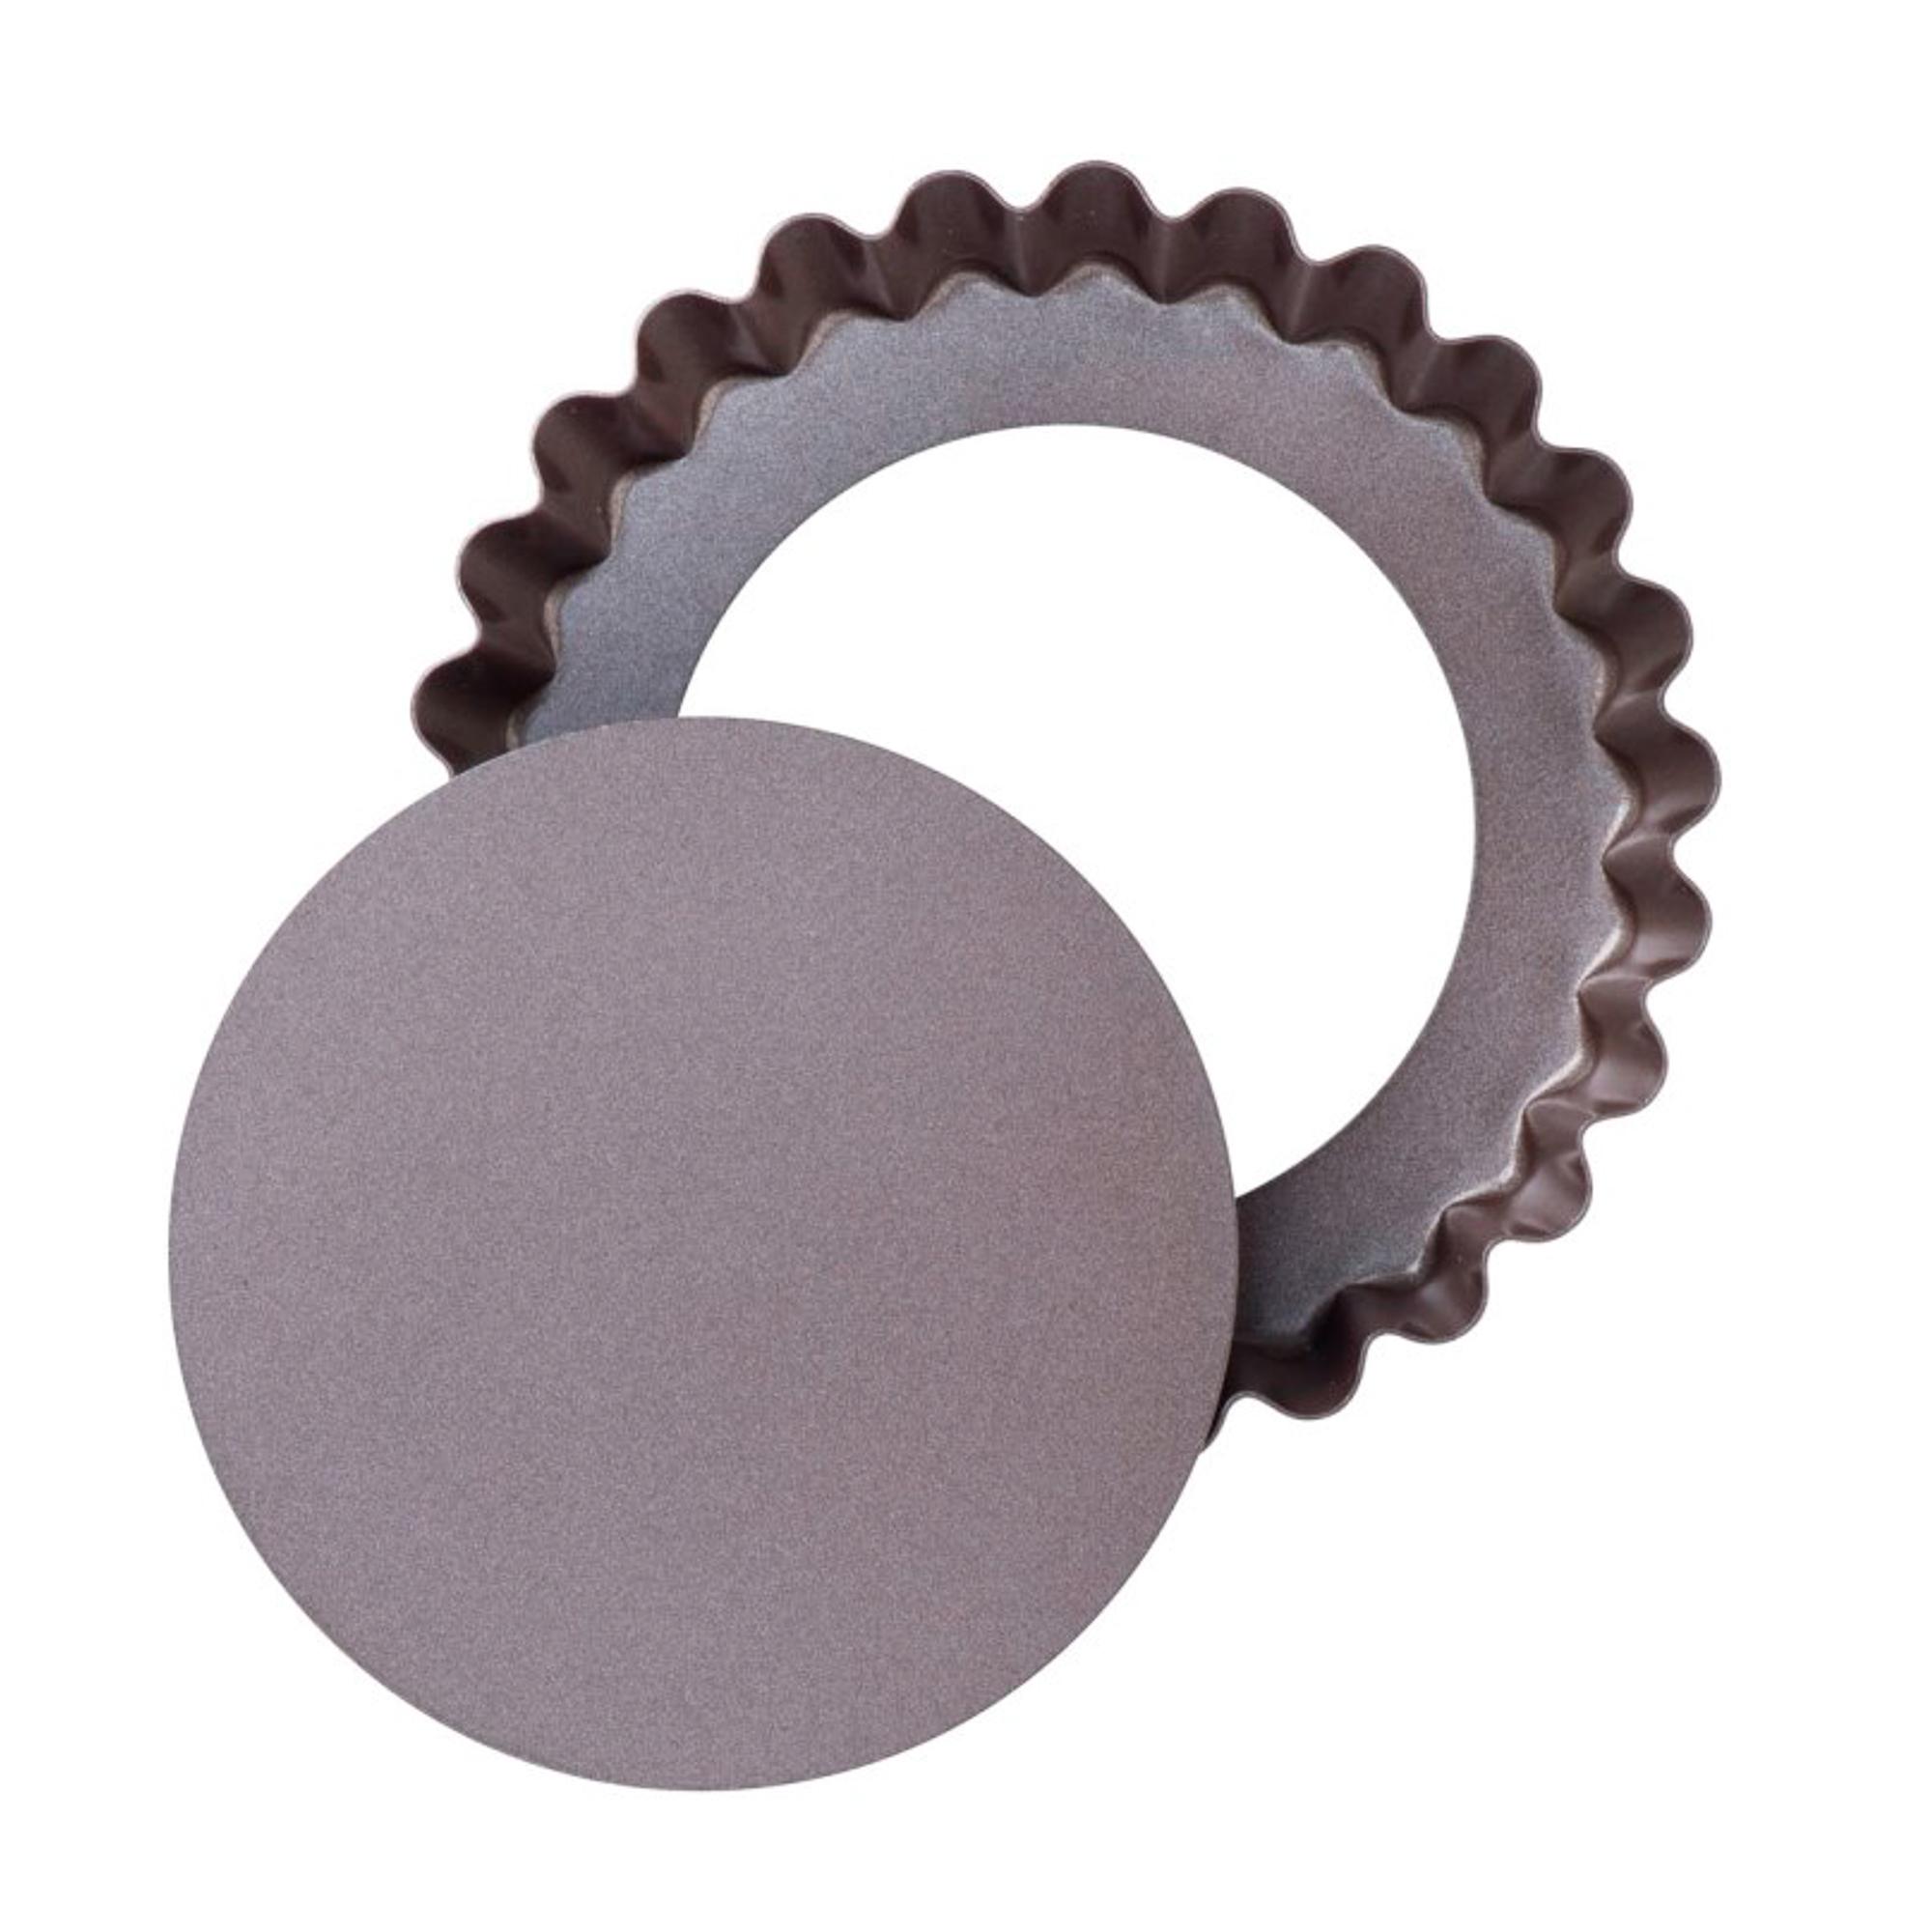 Купить Набор форм для запекания Pyrex AS04SX0/7040, Франция, металл с антипригарным покрытием